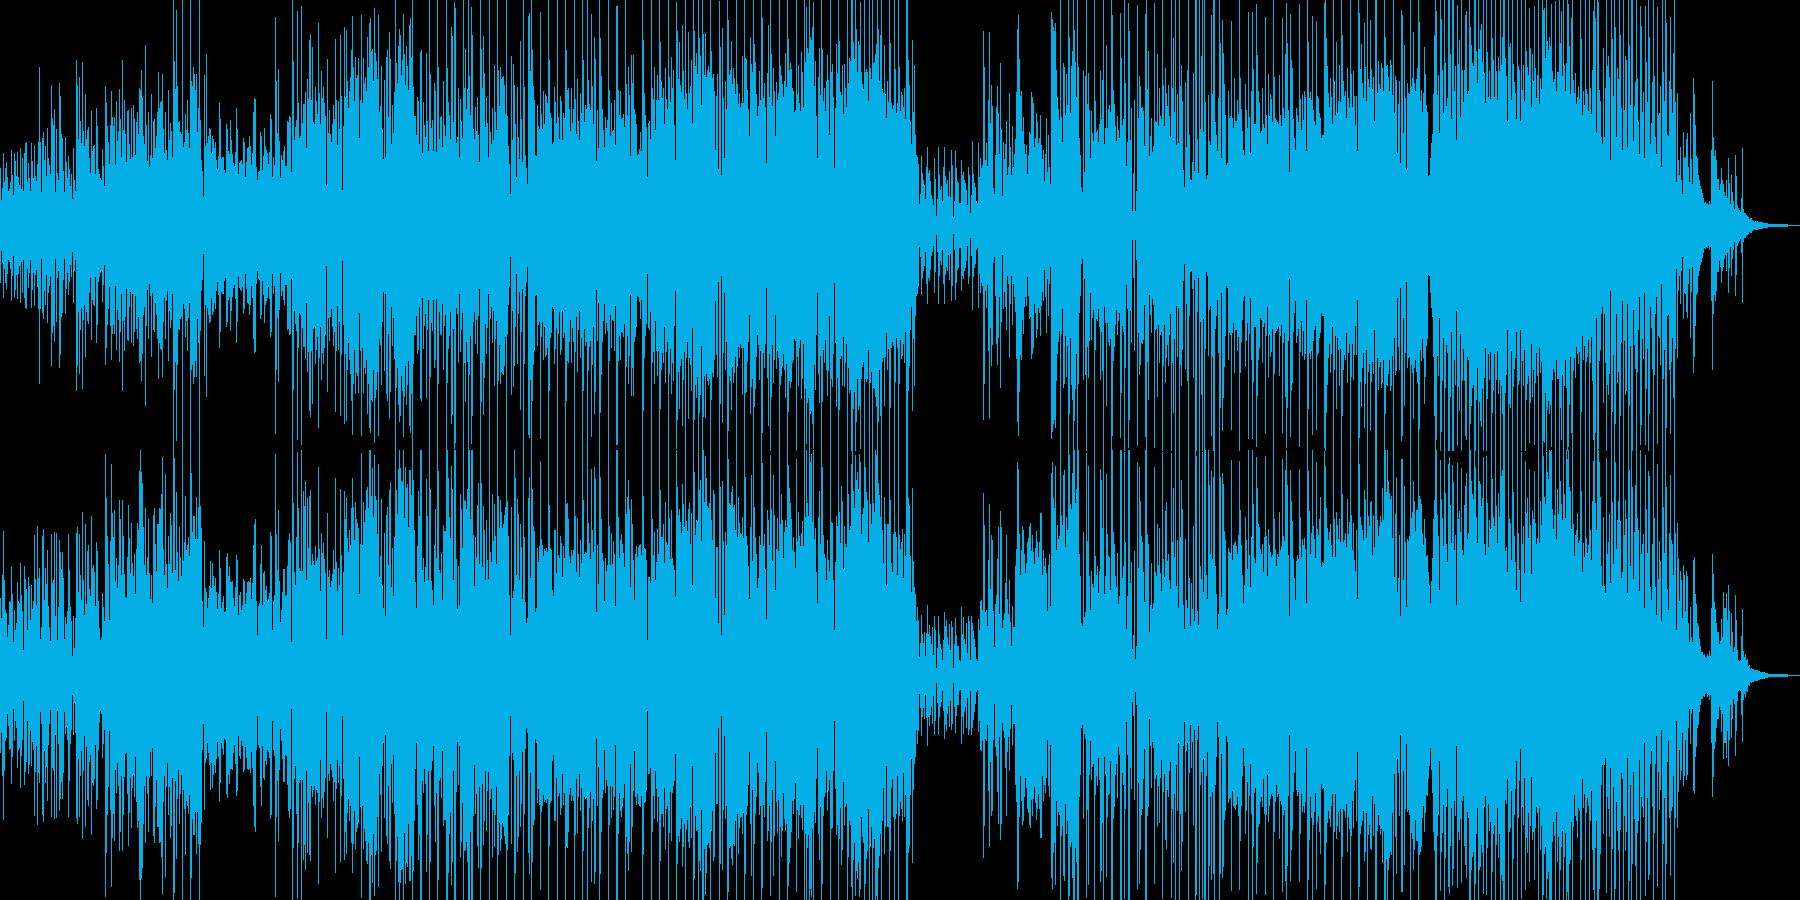 木管とギター・寛げる可憐なジャズ Bの再生済みの波形